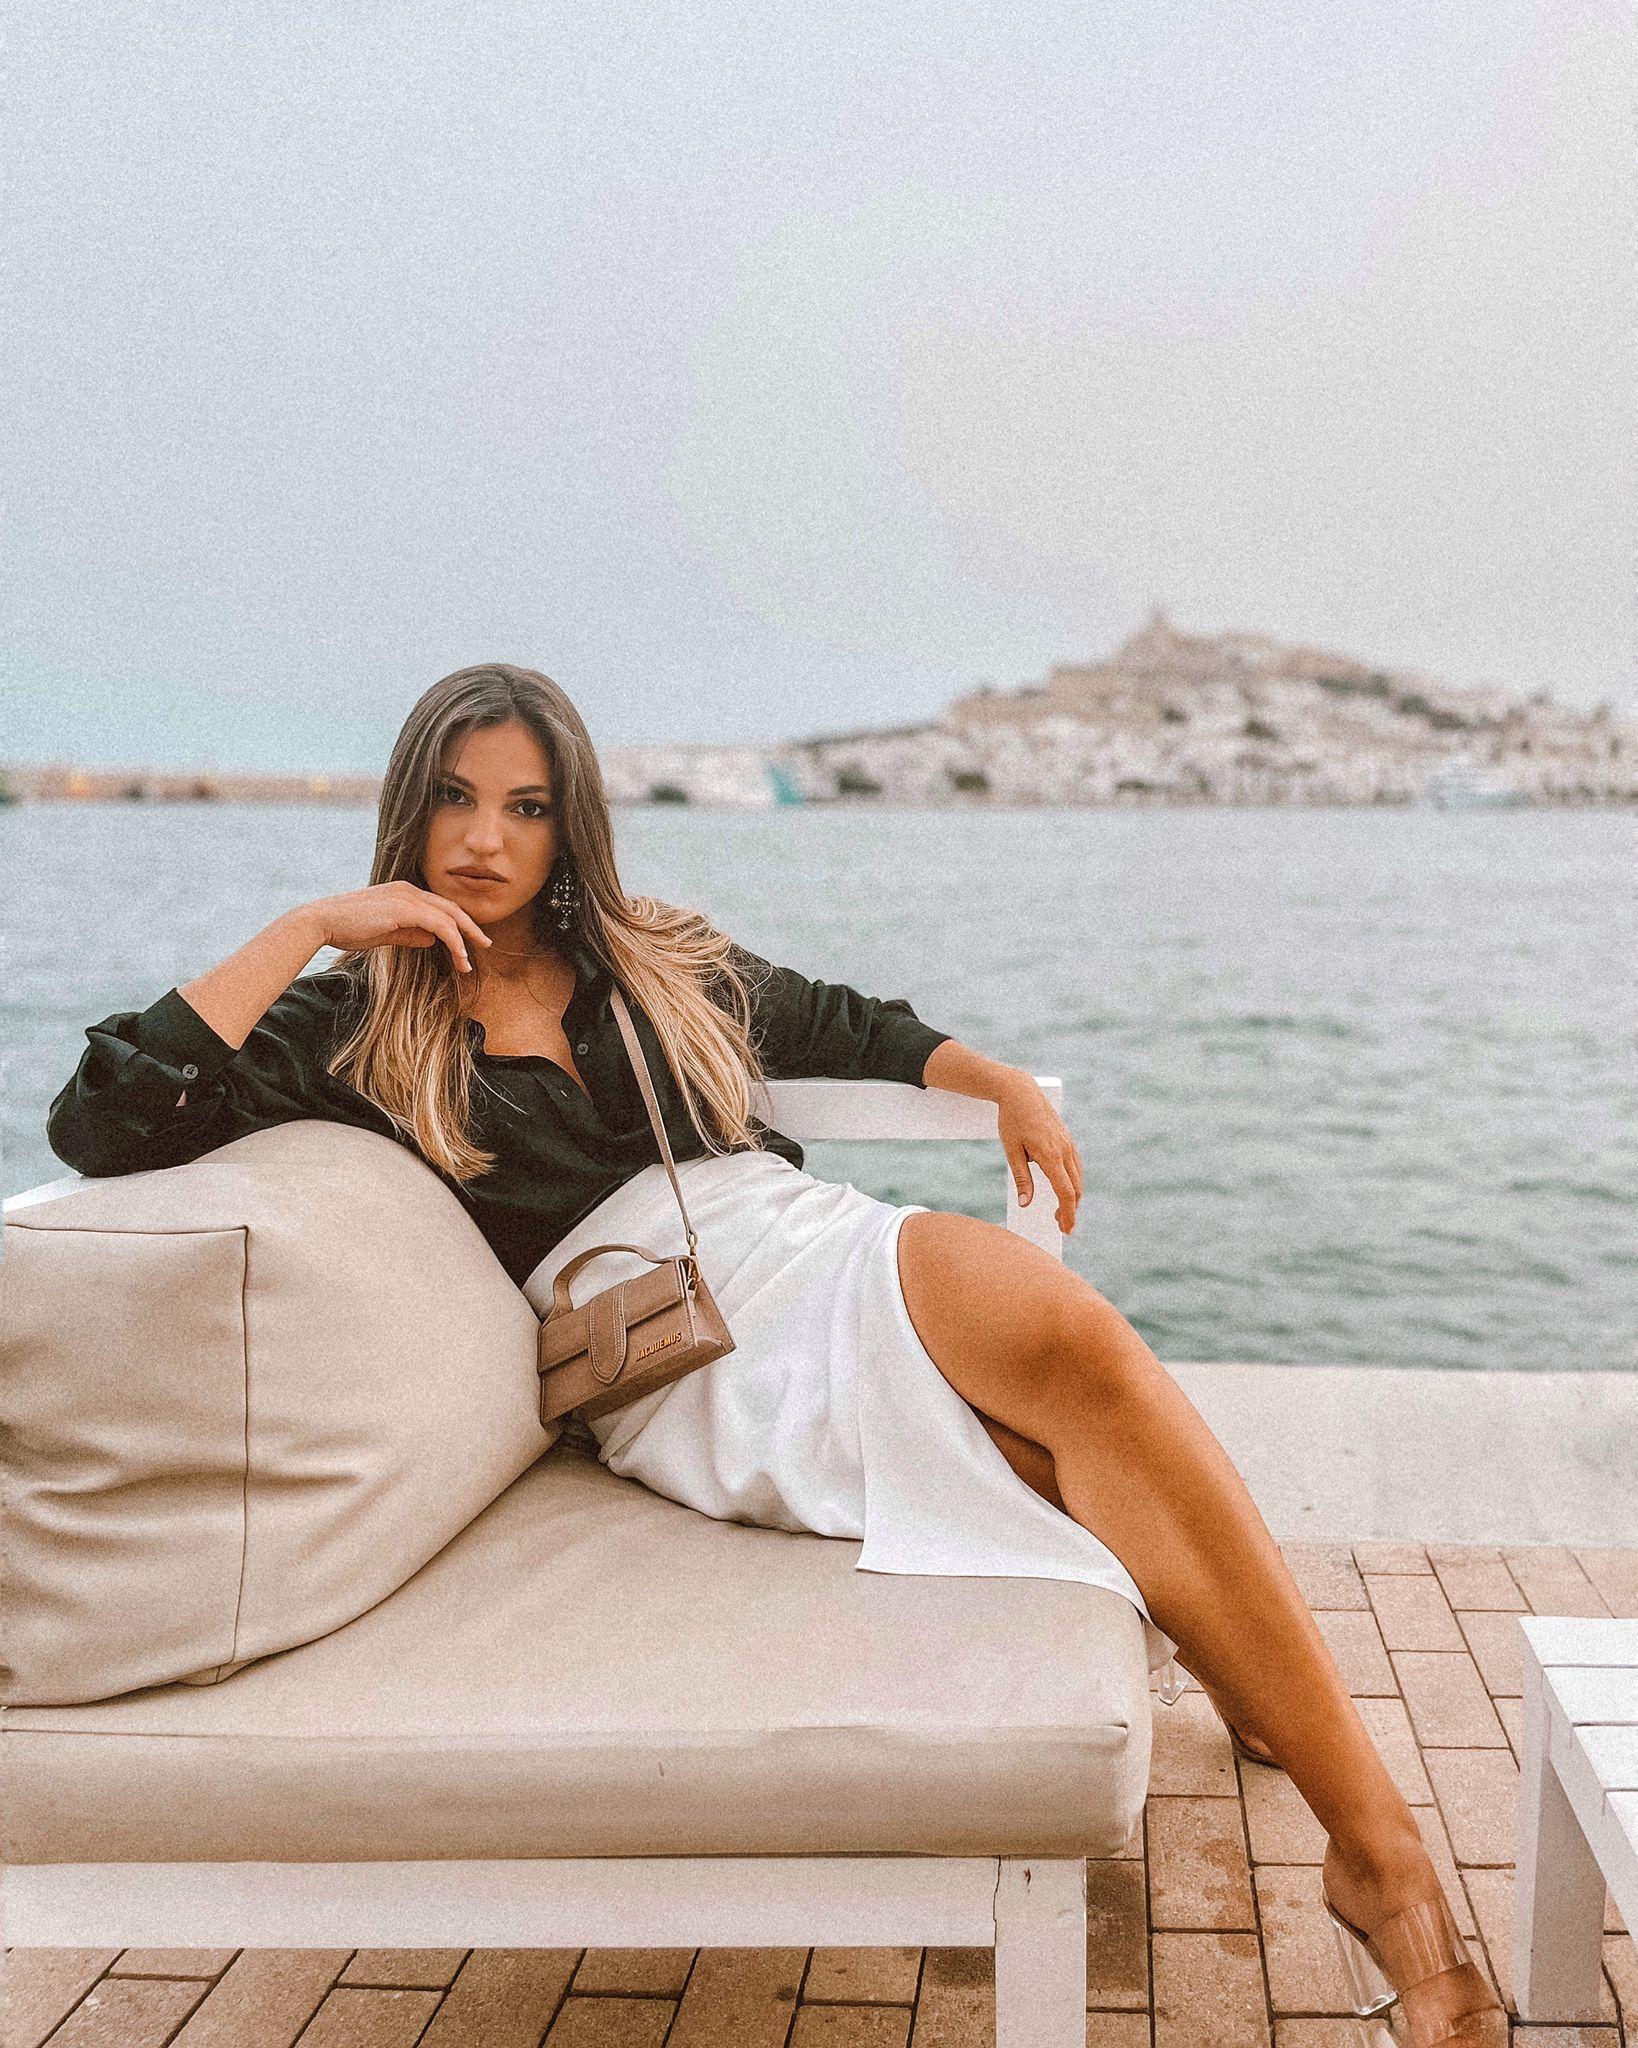 7 mujeres bercianas que triunfan como 'influencers' en Instagram 7